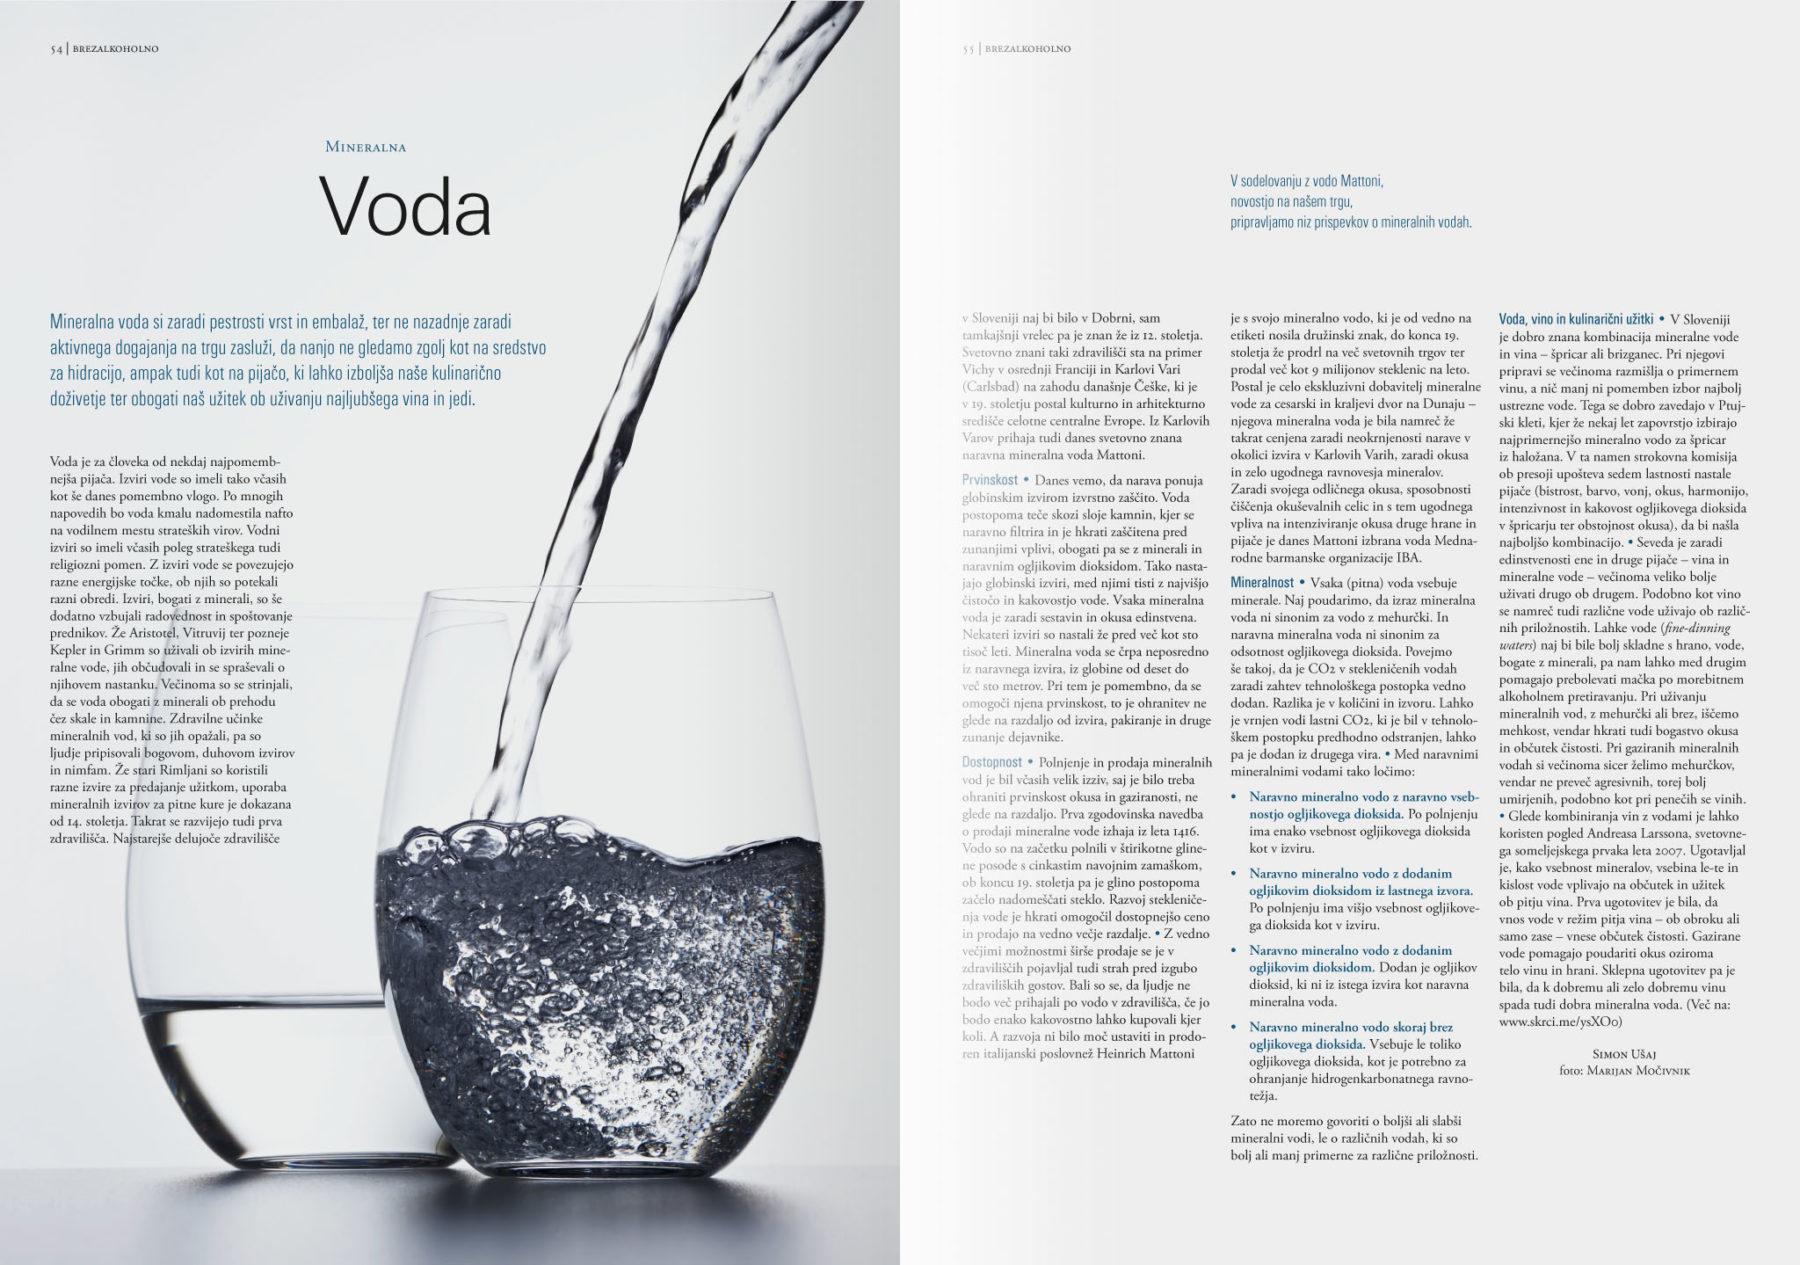 Revija Vino, jesen 2015strani 54 in 55 - članek Voda· Naročnik: Revija Vino · Fotografija za članek: Marijan Močivnik · 2015 ·